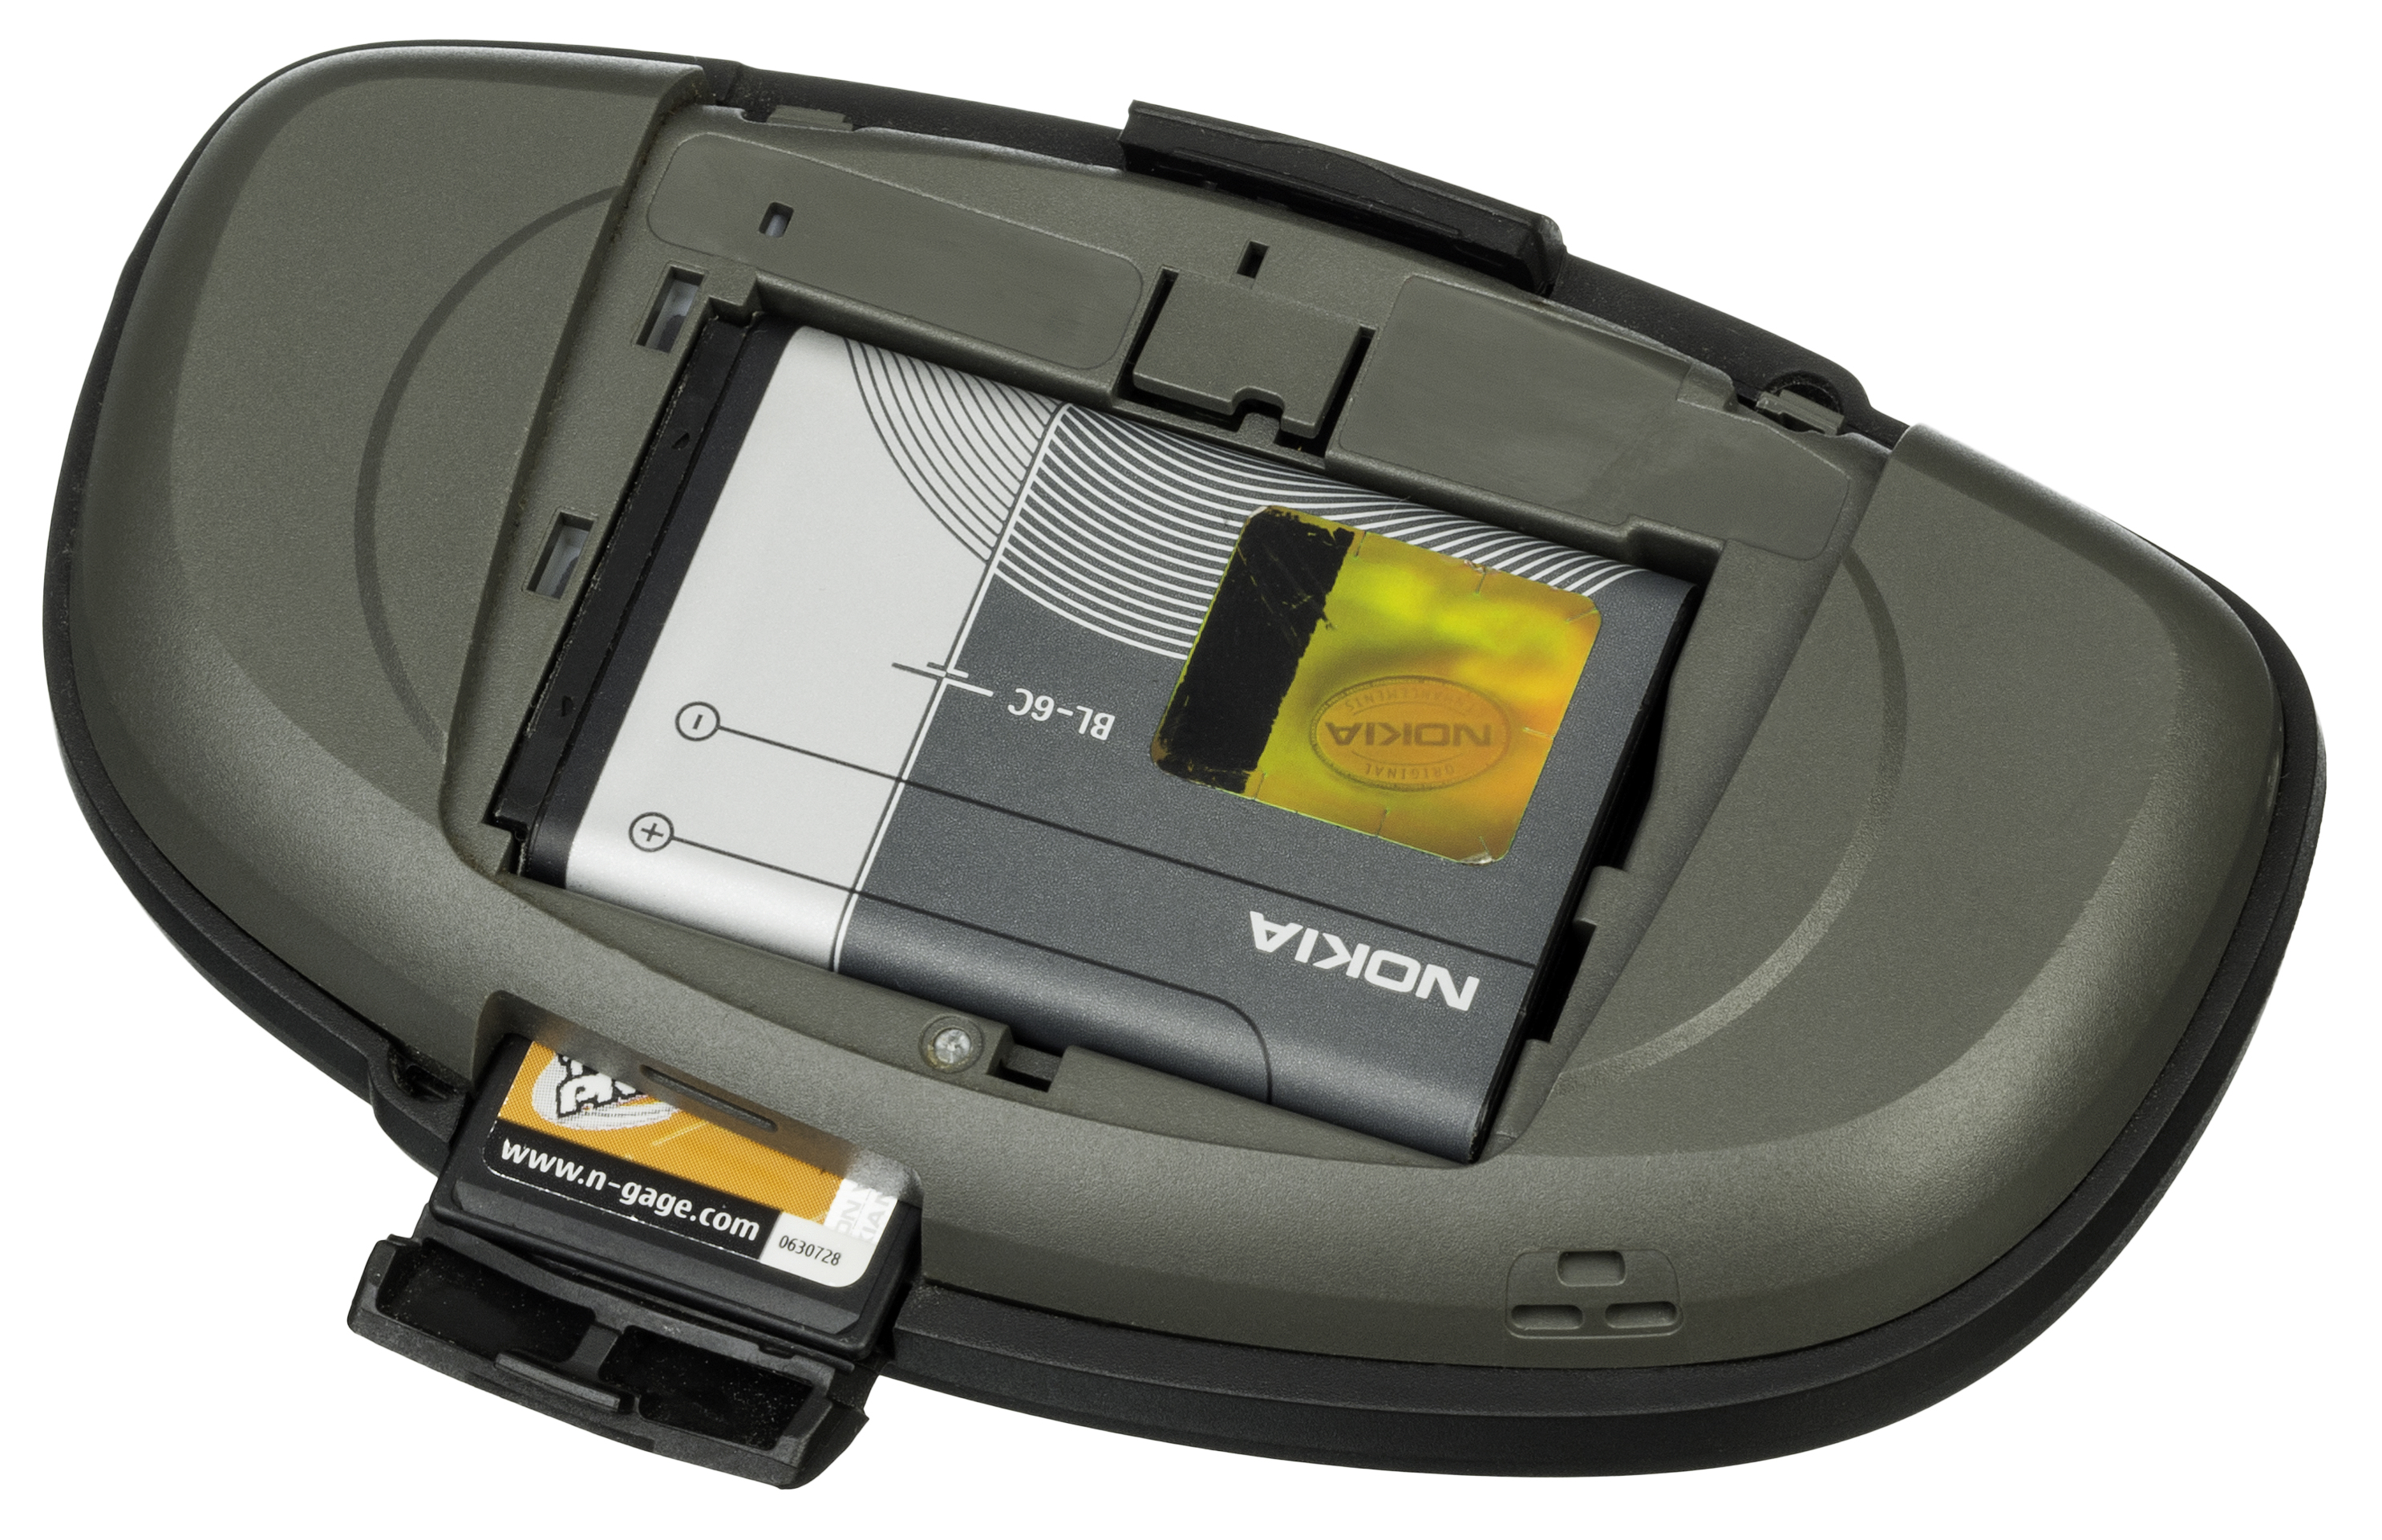 Nokia n gage qd инструкция